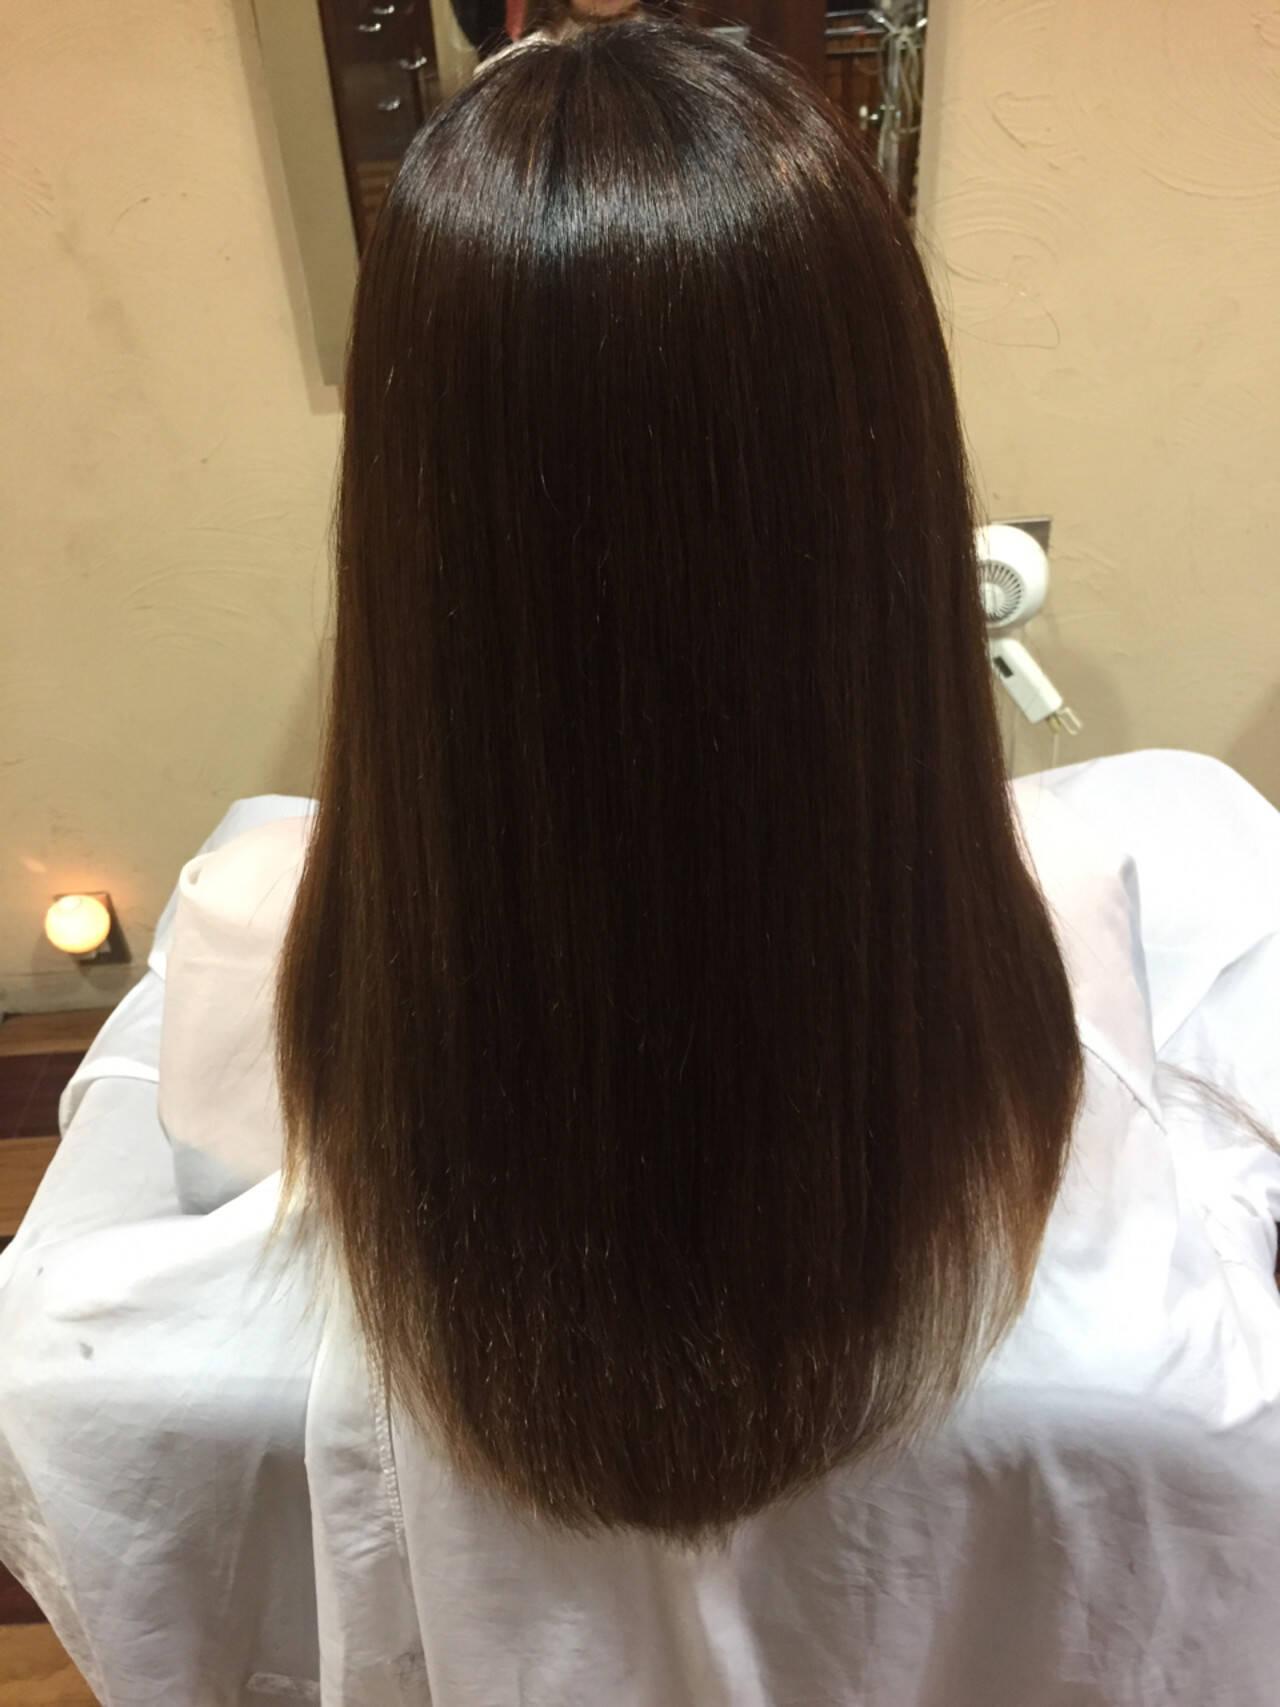 ナチュラル ストレート パーマ 艶髪ヘアスタイルや髪型の写真・画像